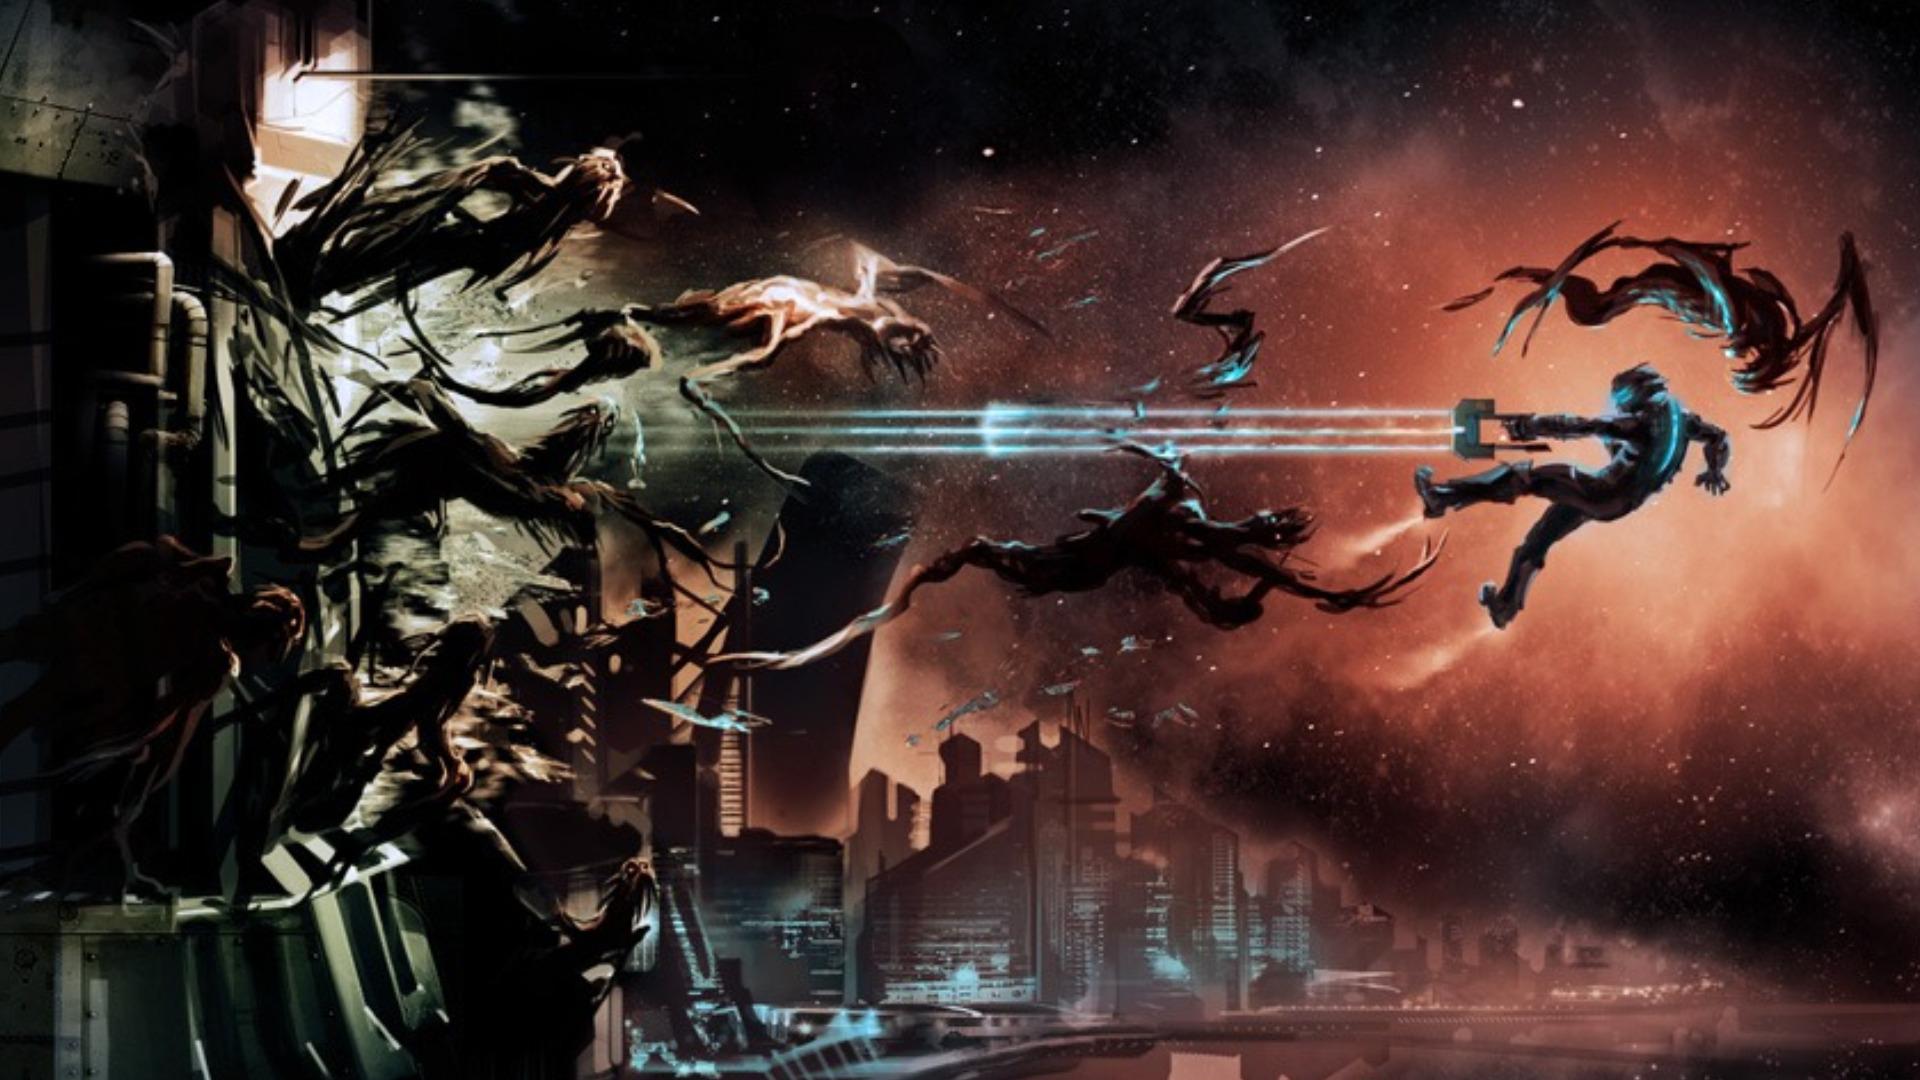 Dead Space 2 Wallpaper - WallpaperSafari